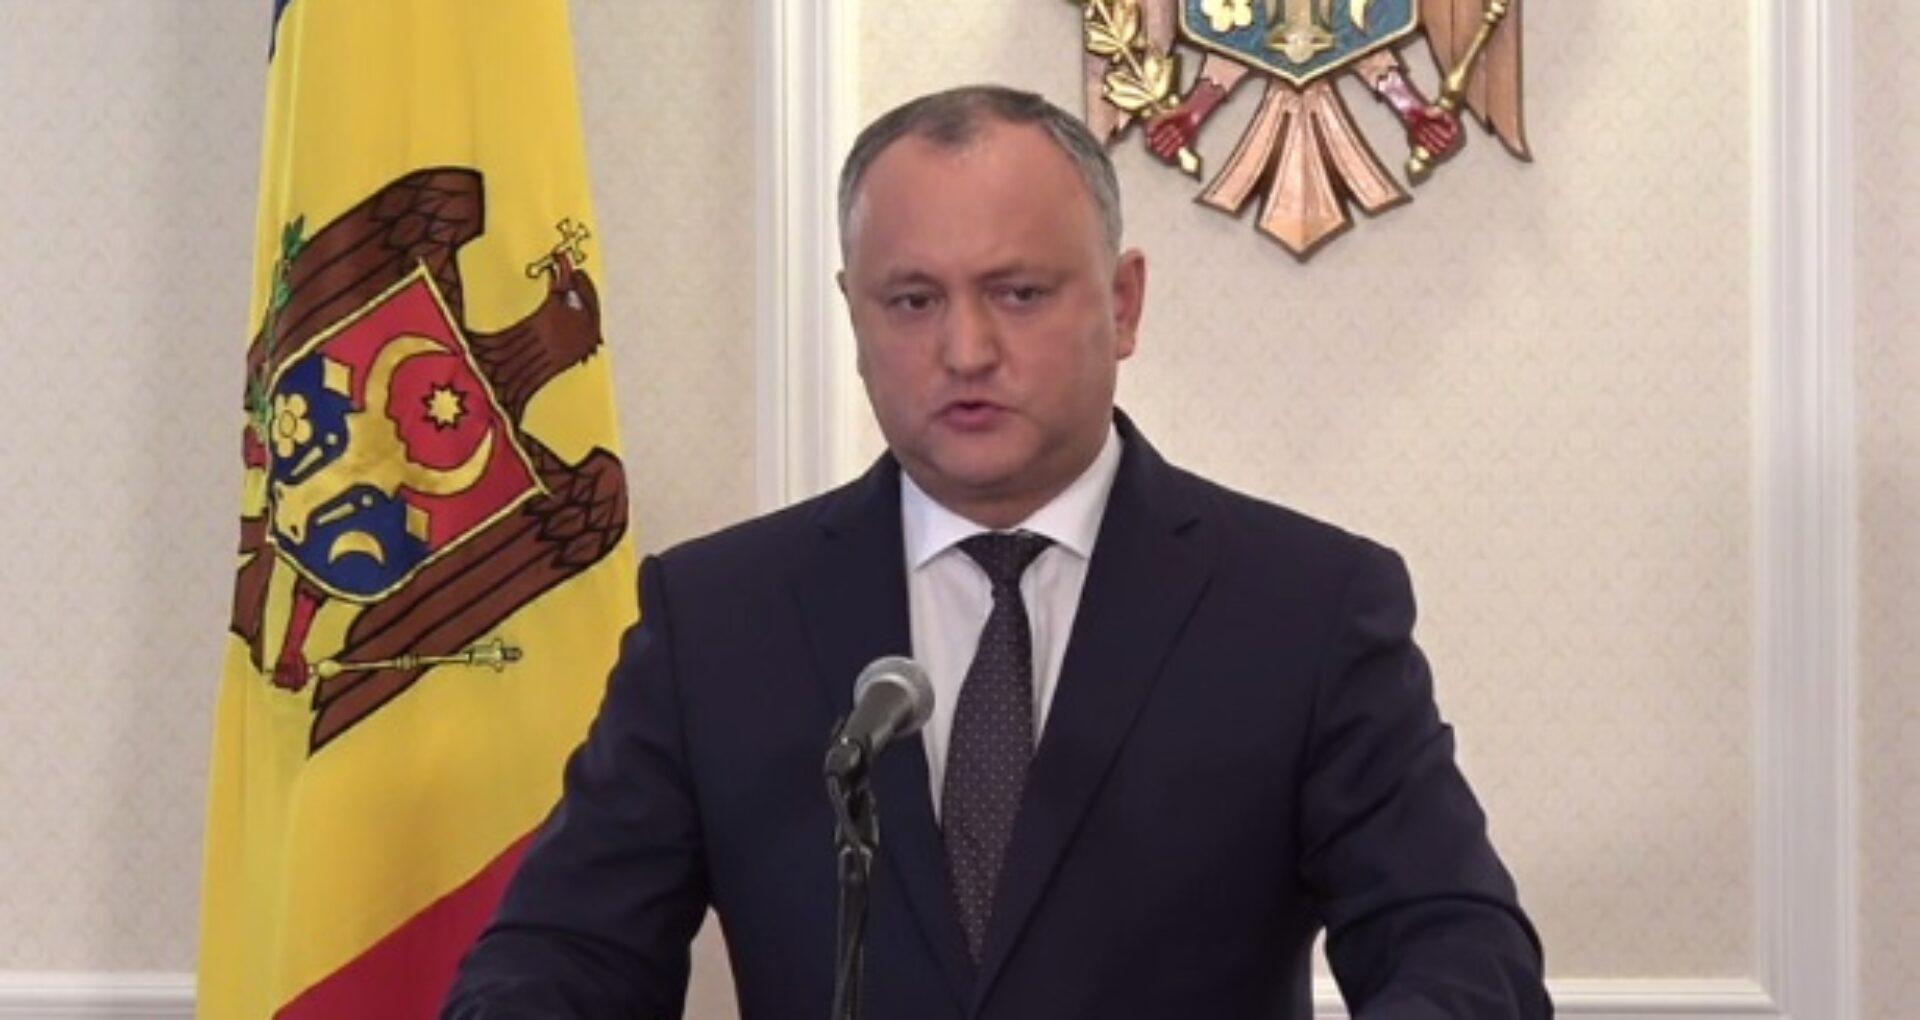 Reacția lui Dodon după învestirea lui Eugen Sturza în funcția de ministru al Apărării